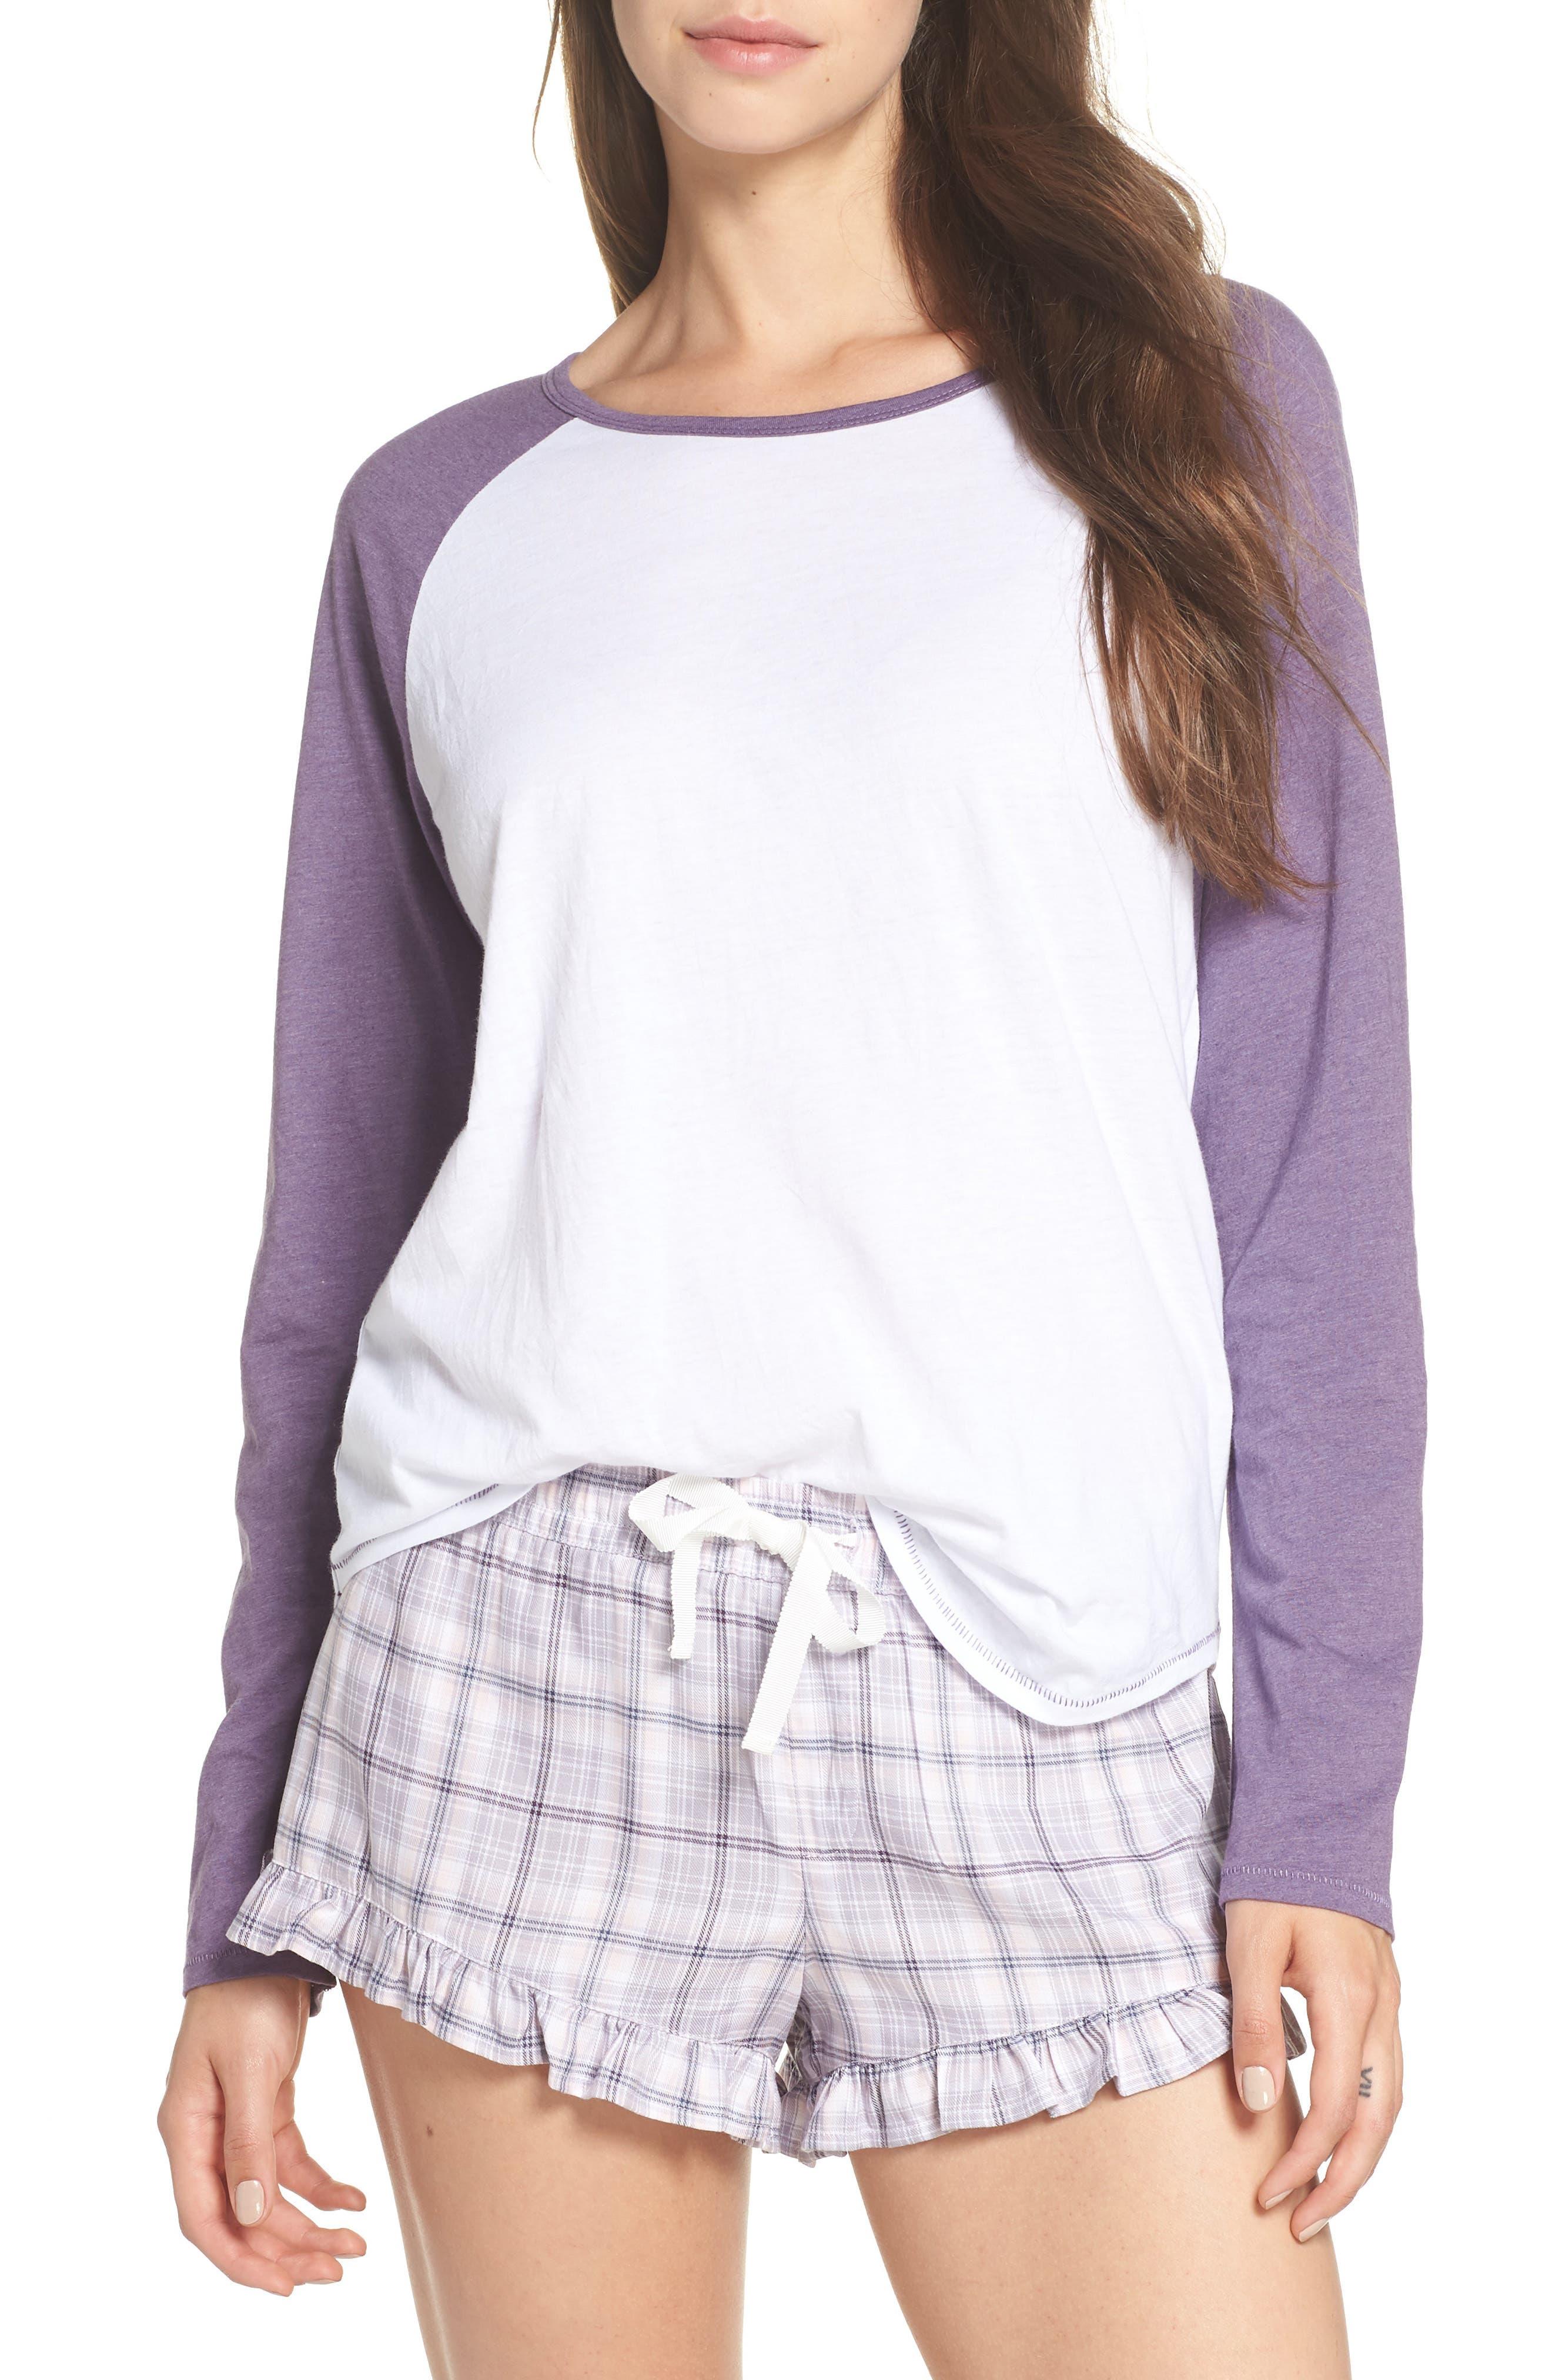 Charly Short Pajamas,                             Main thumbnail 1, color,                             536